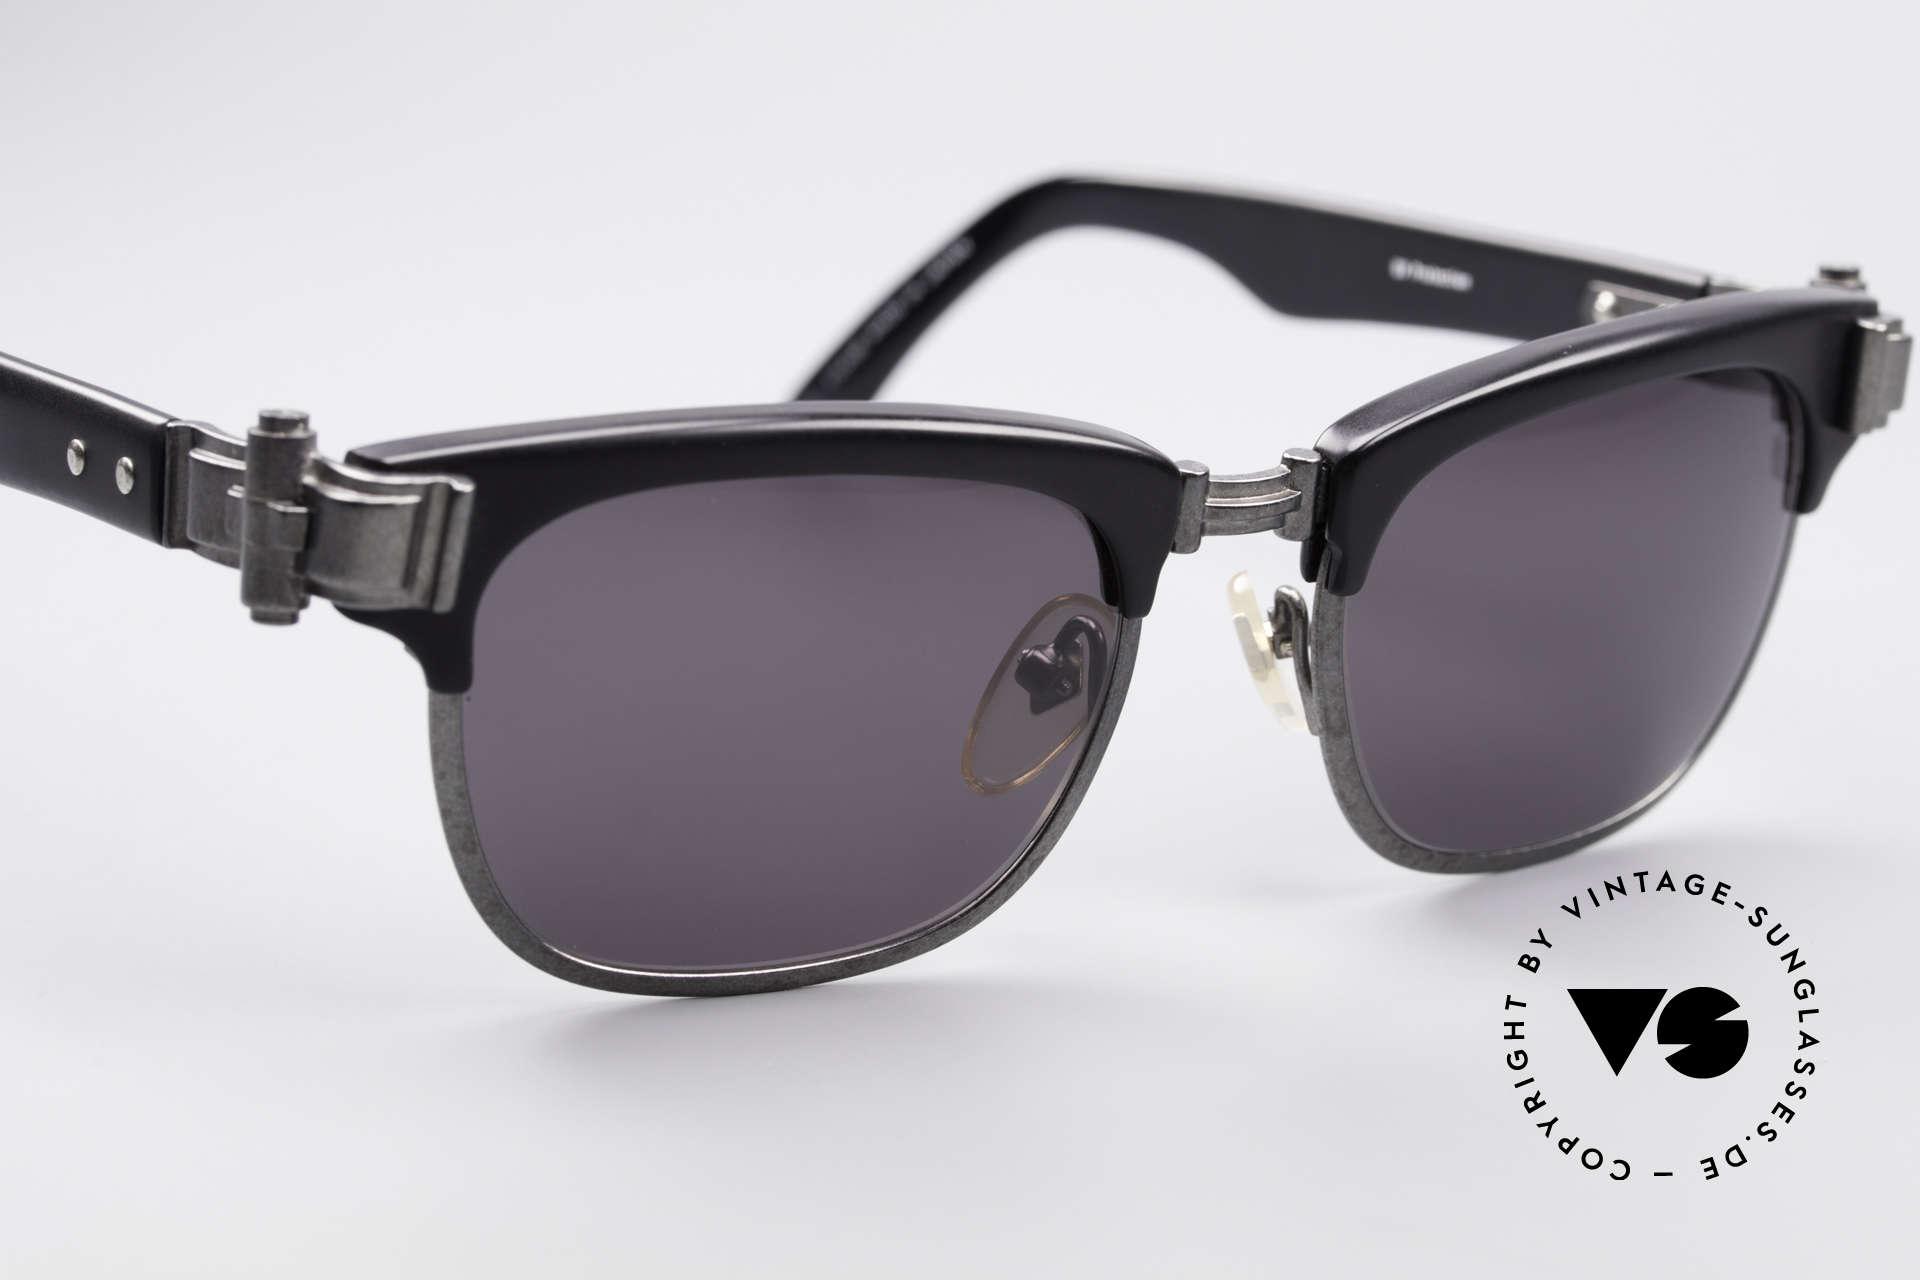 Jean Paul Gaultier 56-5202 90er Designer Sonnenbrille, KEINE Retrobrille, sondern ein ORIGINAL von 1992, Passend für Herren und Damen